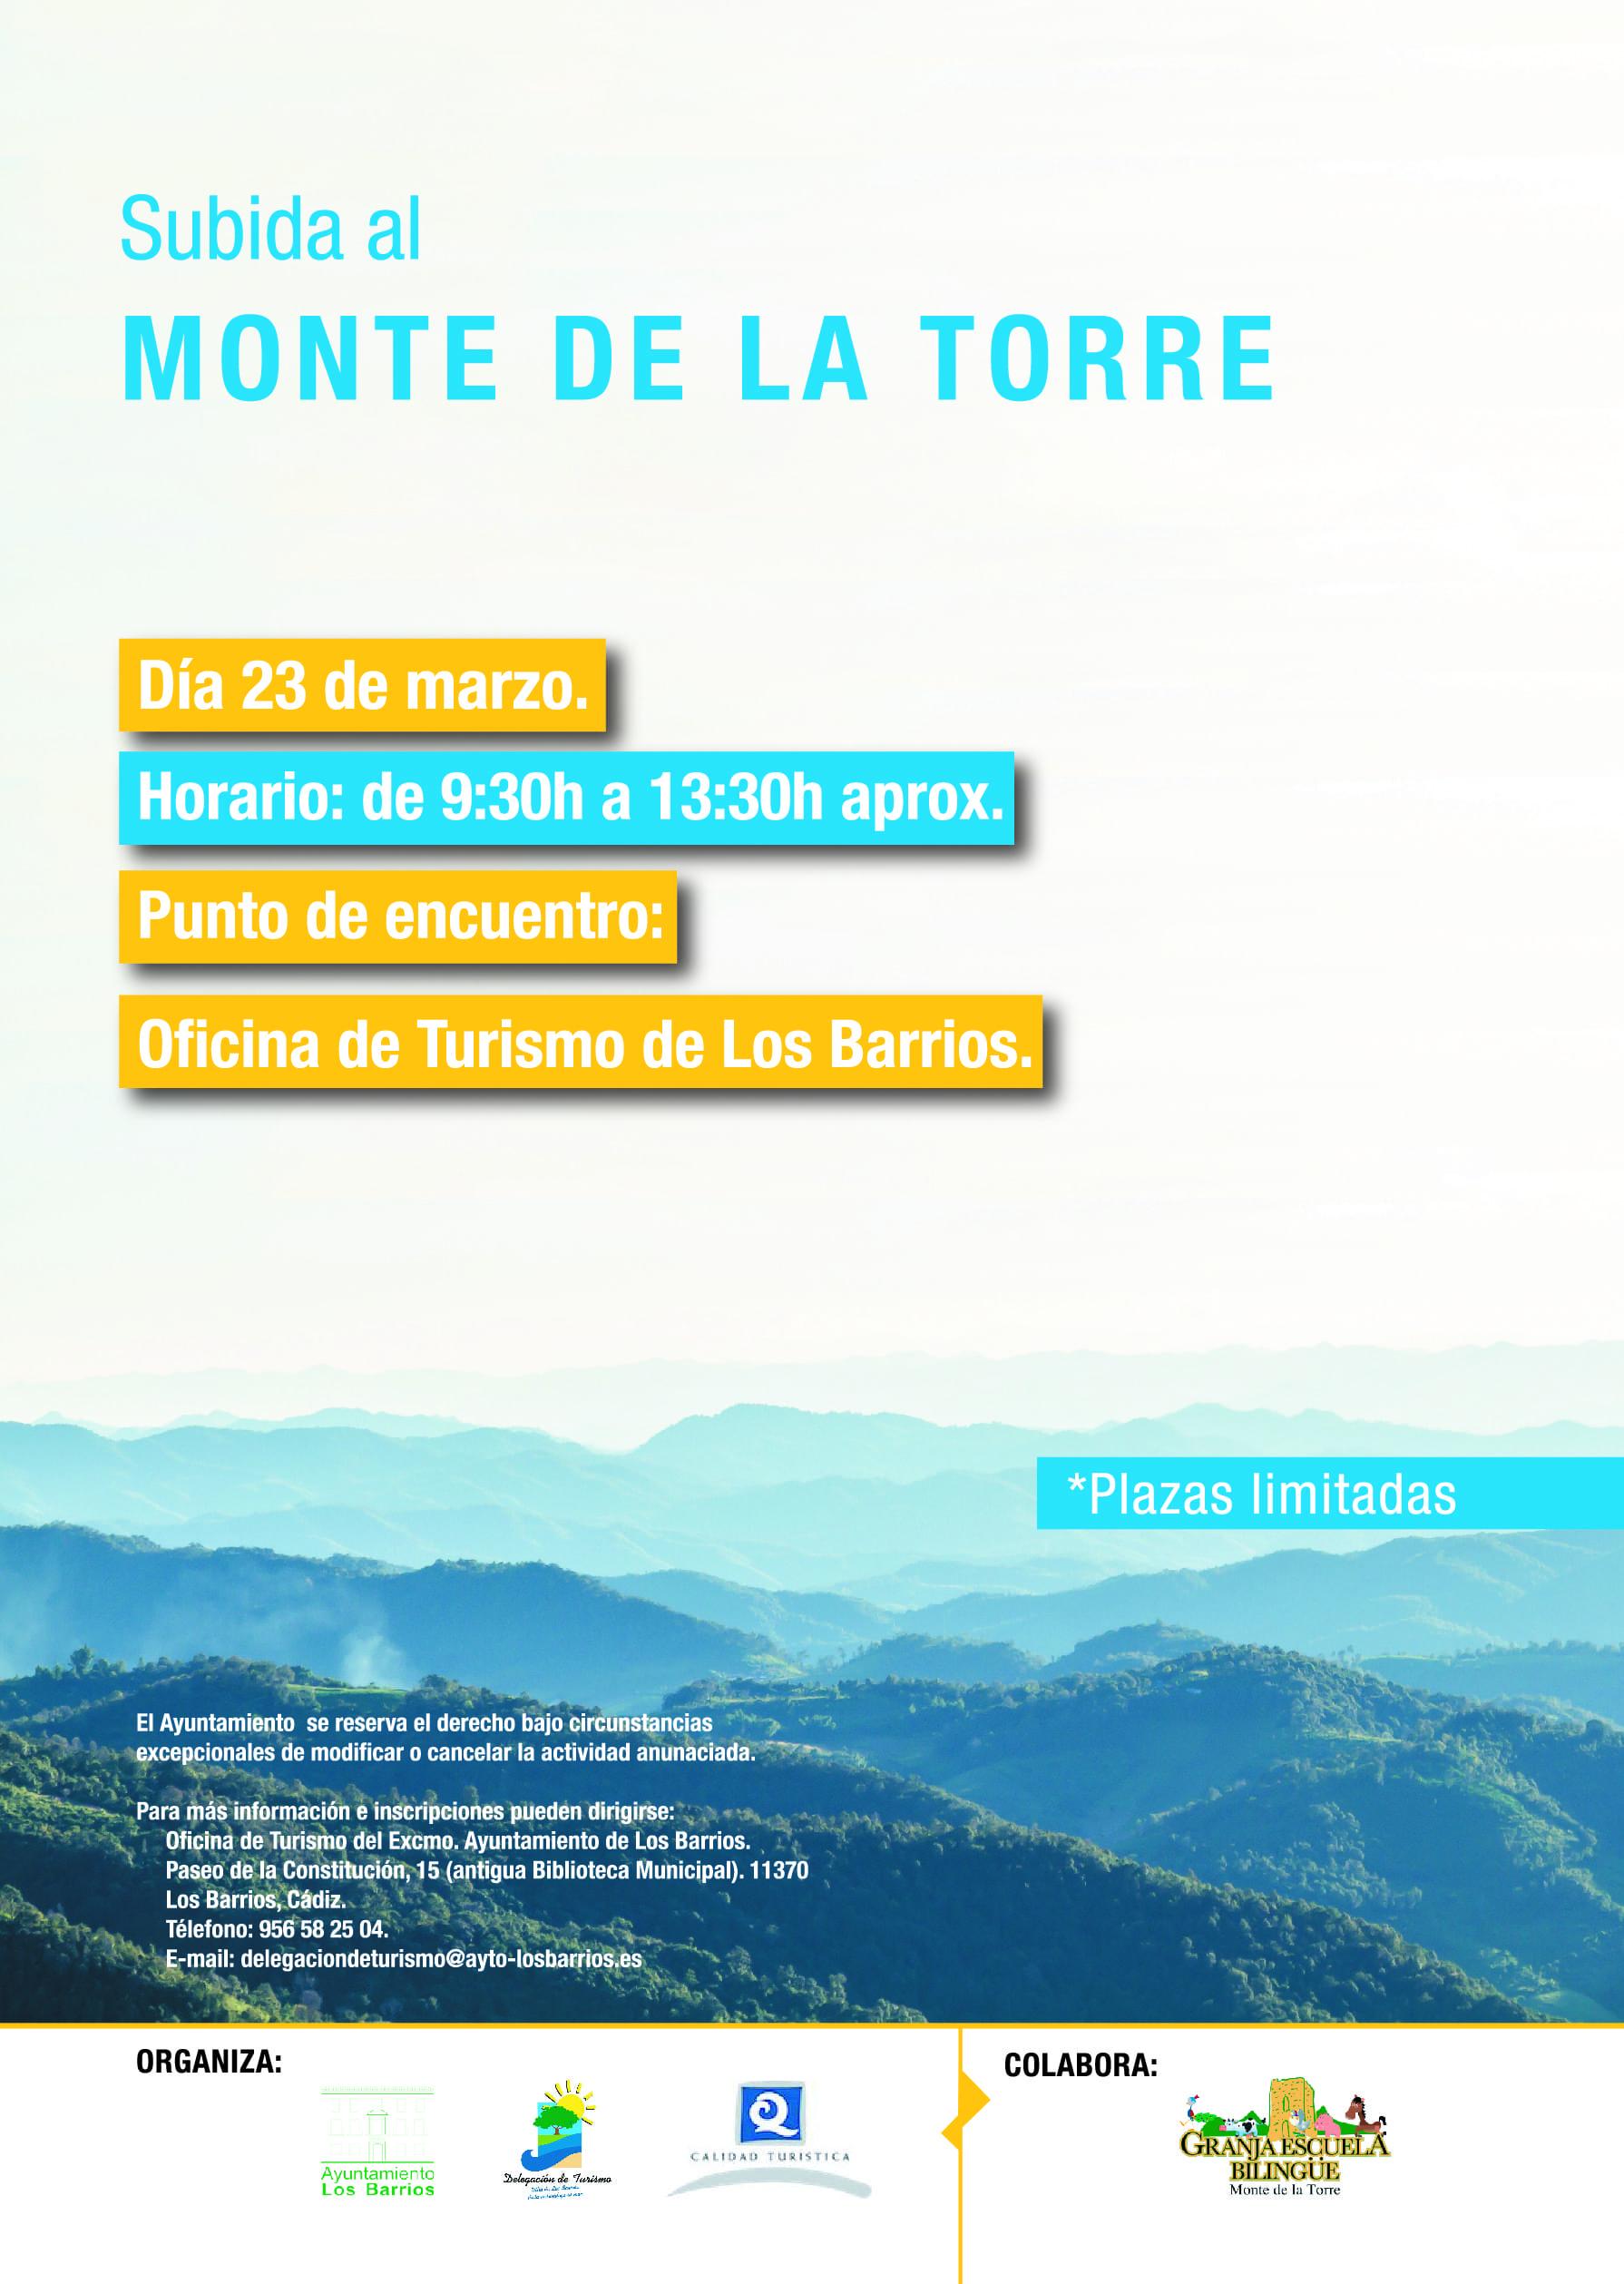 Sábado 23 de Marzo, subida al Monte de la Torre